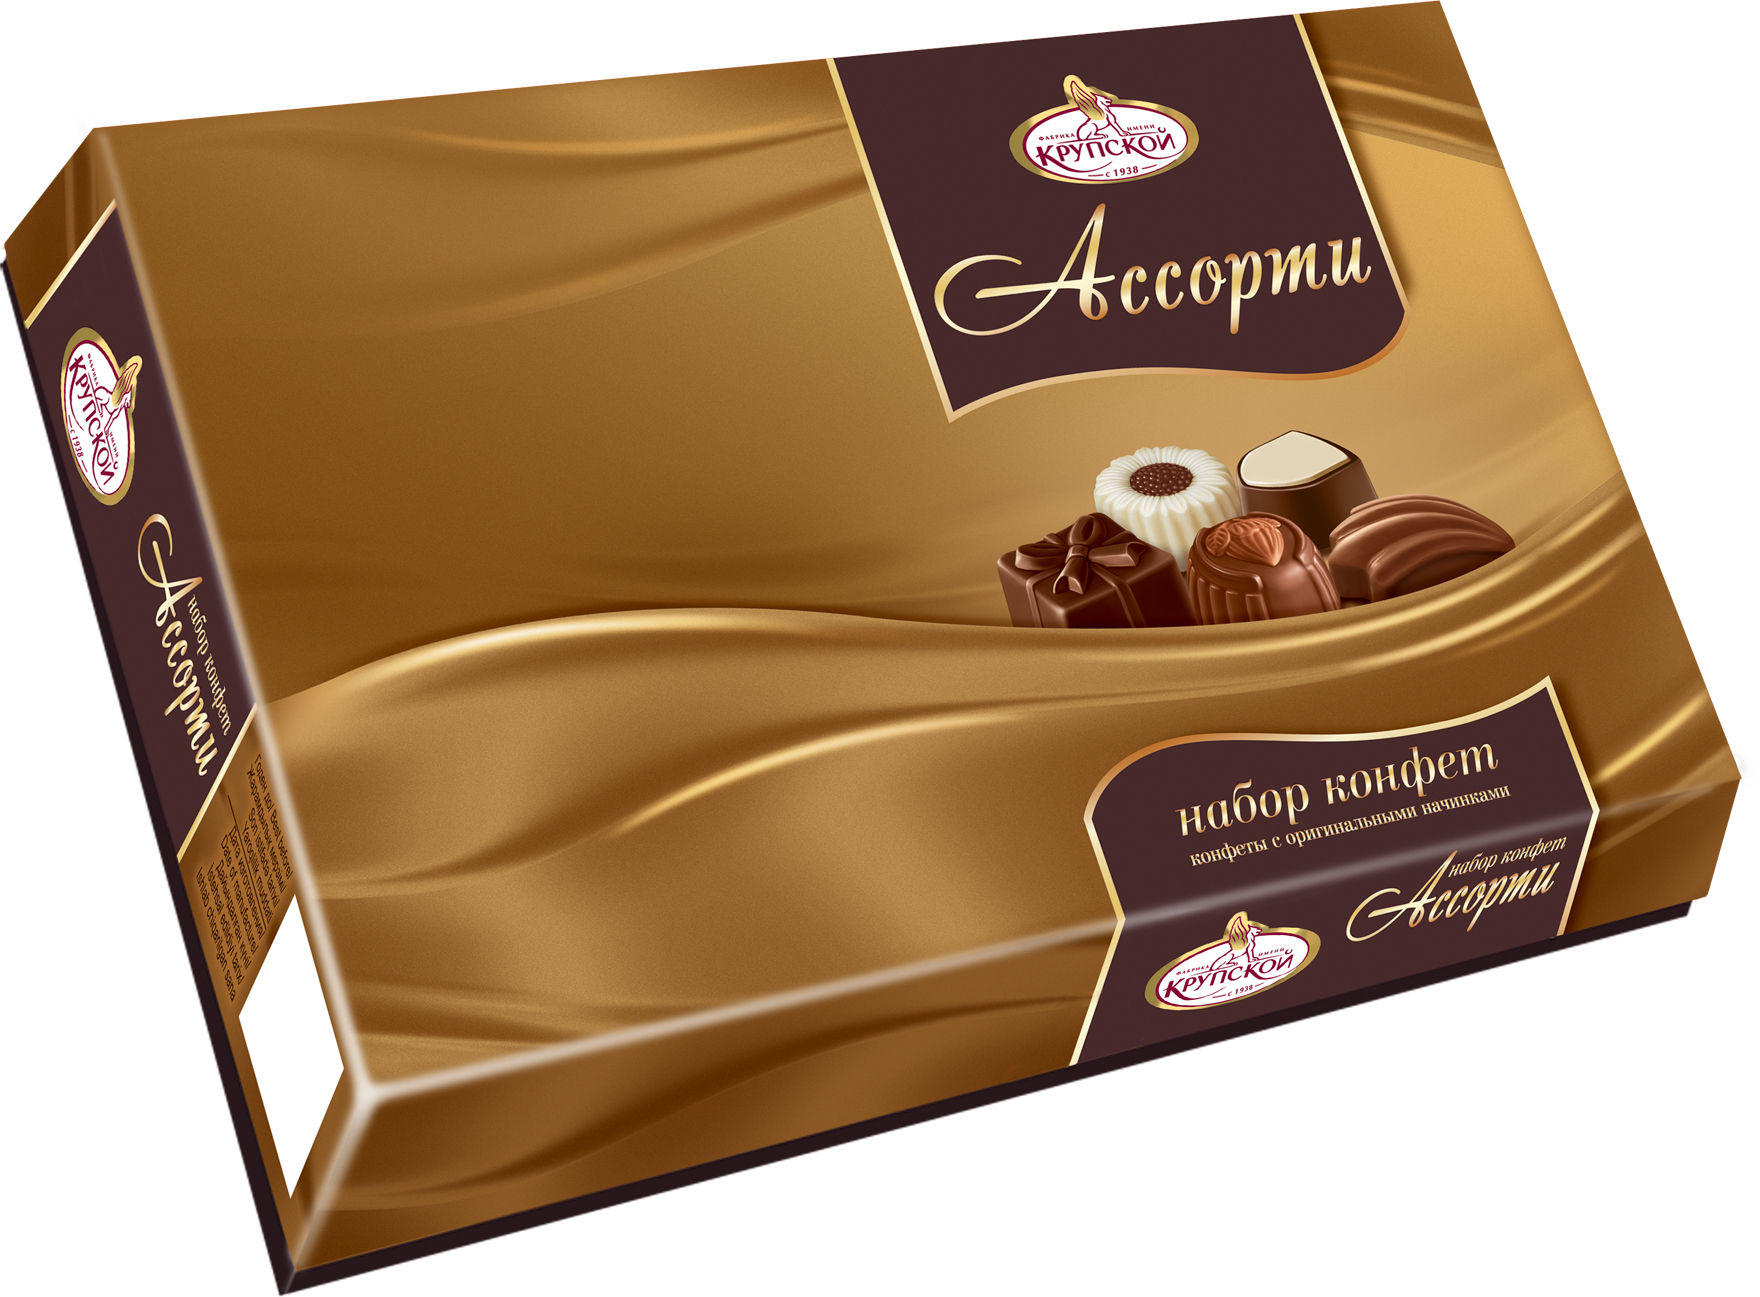 Фабрика имени Крупской ассорти набор конфет, 183 г20083Набор конфет с различными начинками. Богатство вкусов, тщательно подобранных под самые изысканные предпочтения.